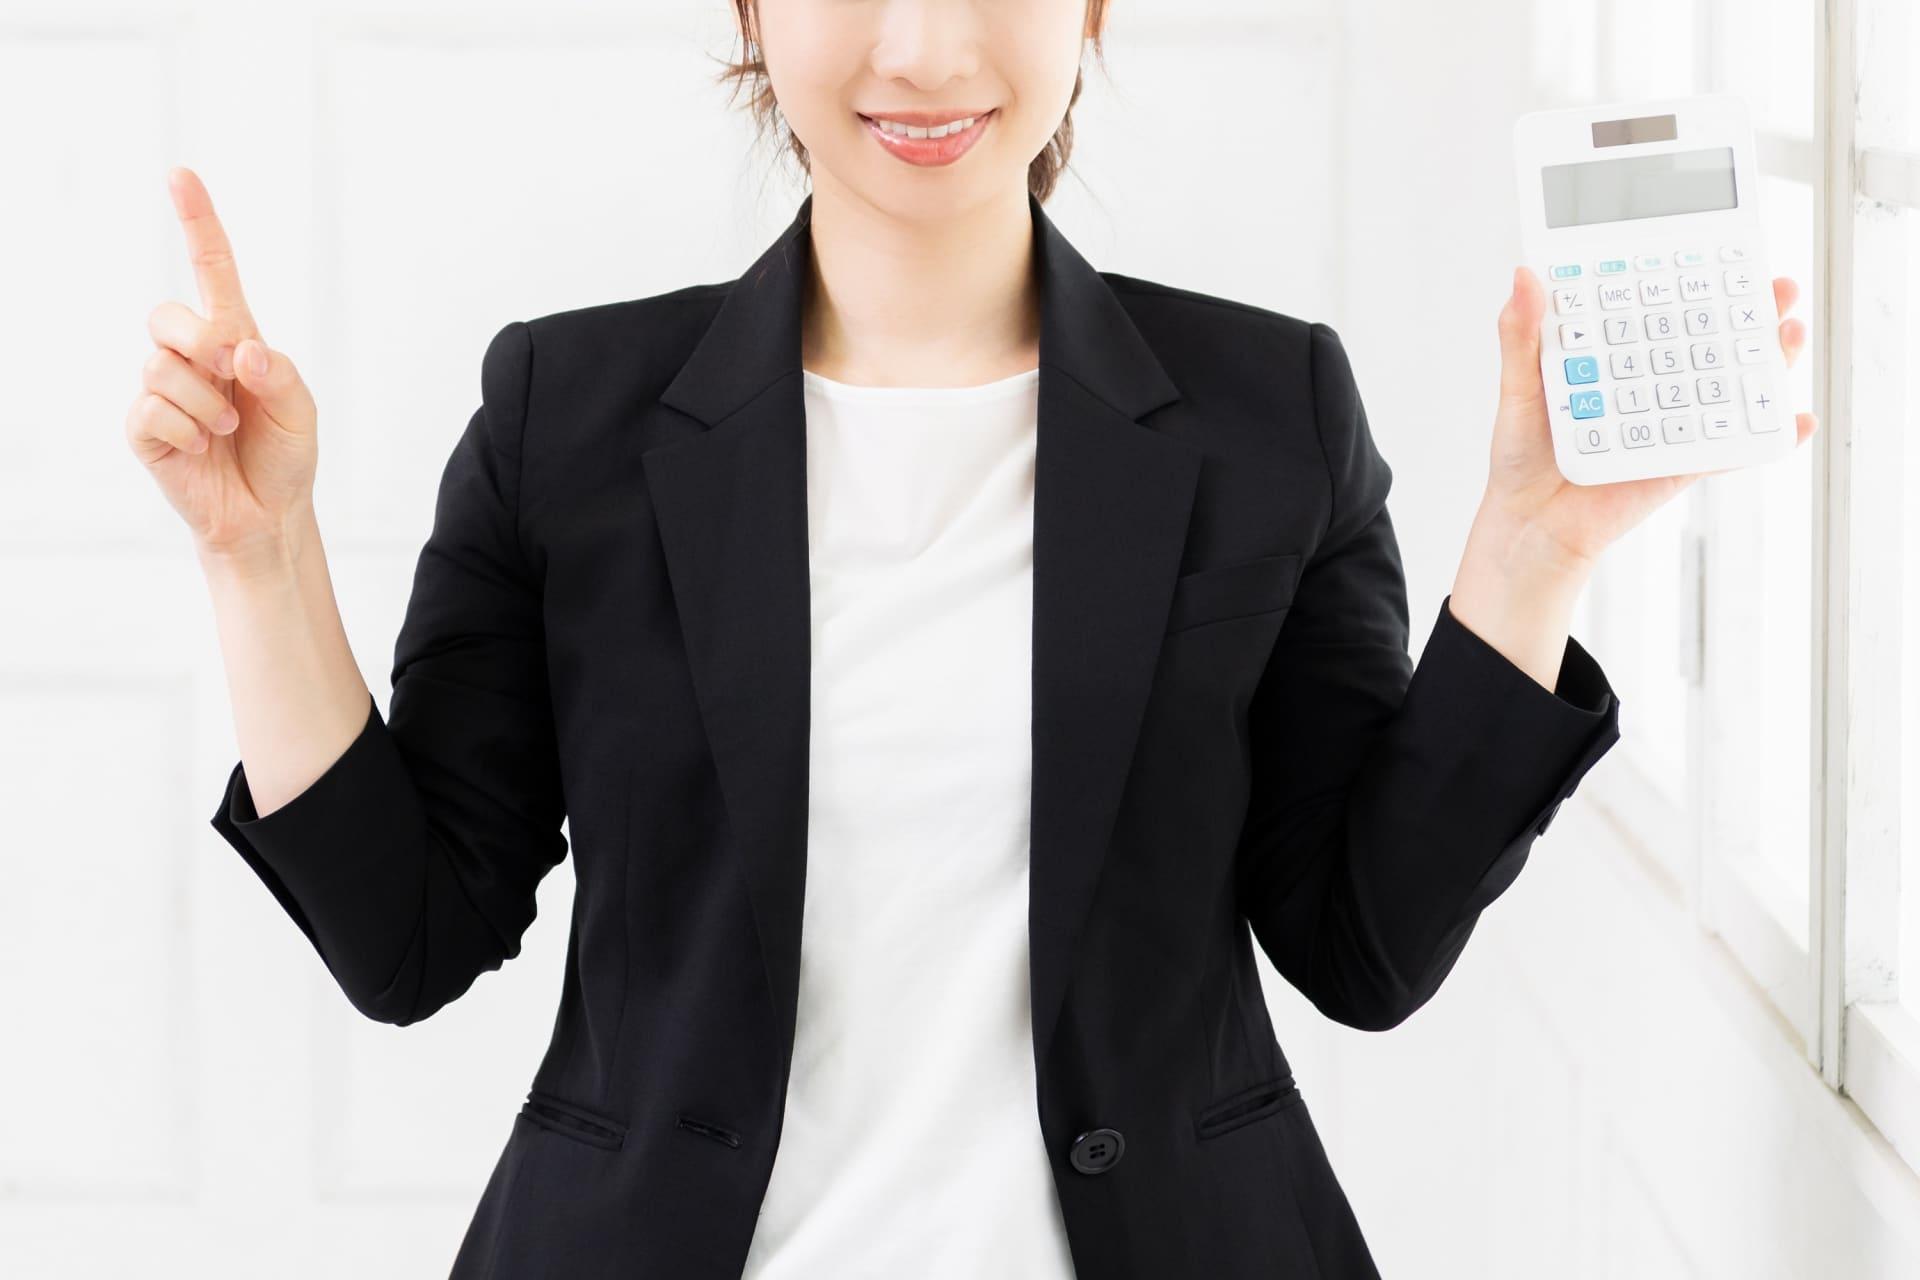 電卓を持つ女性の画像